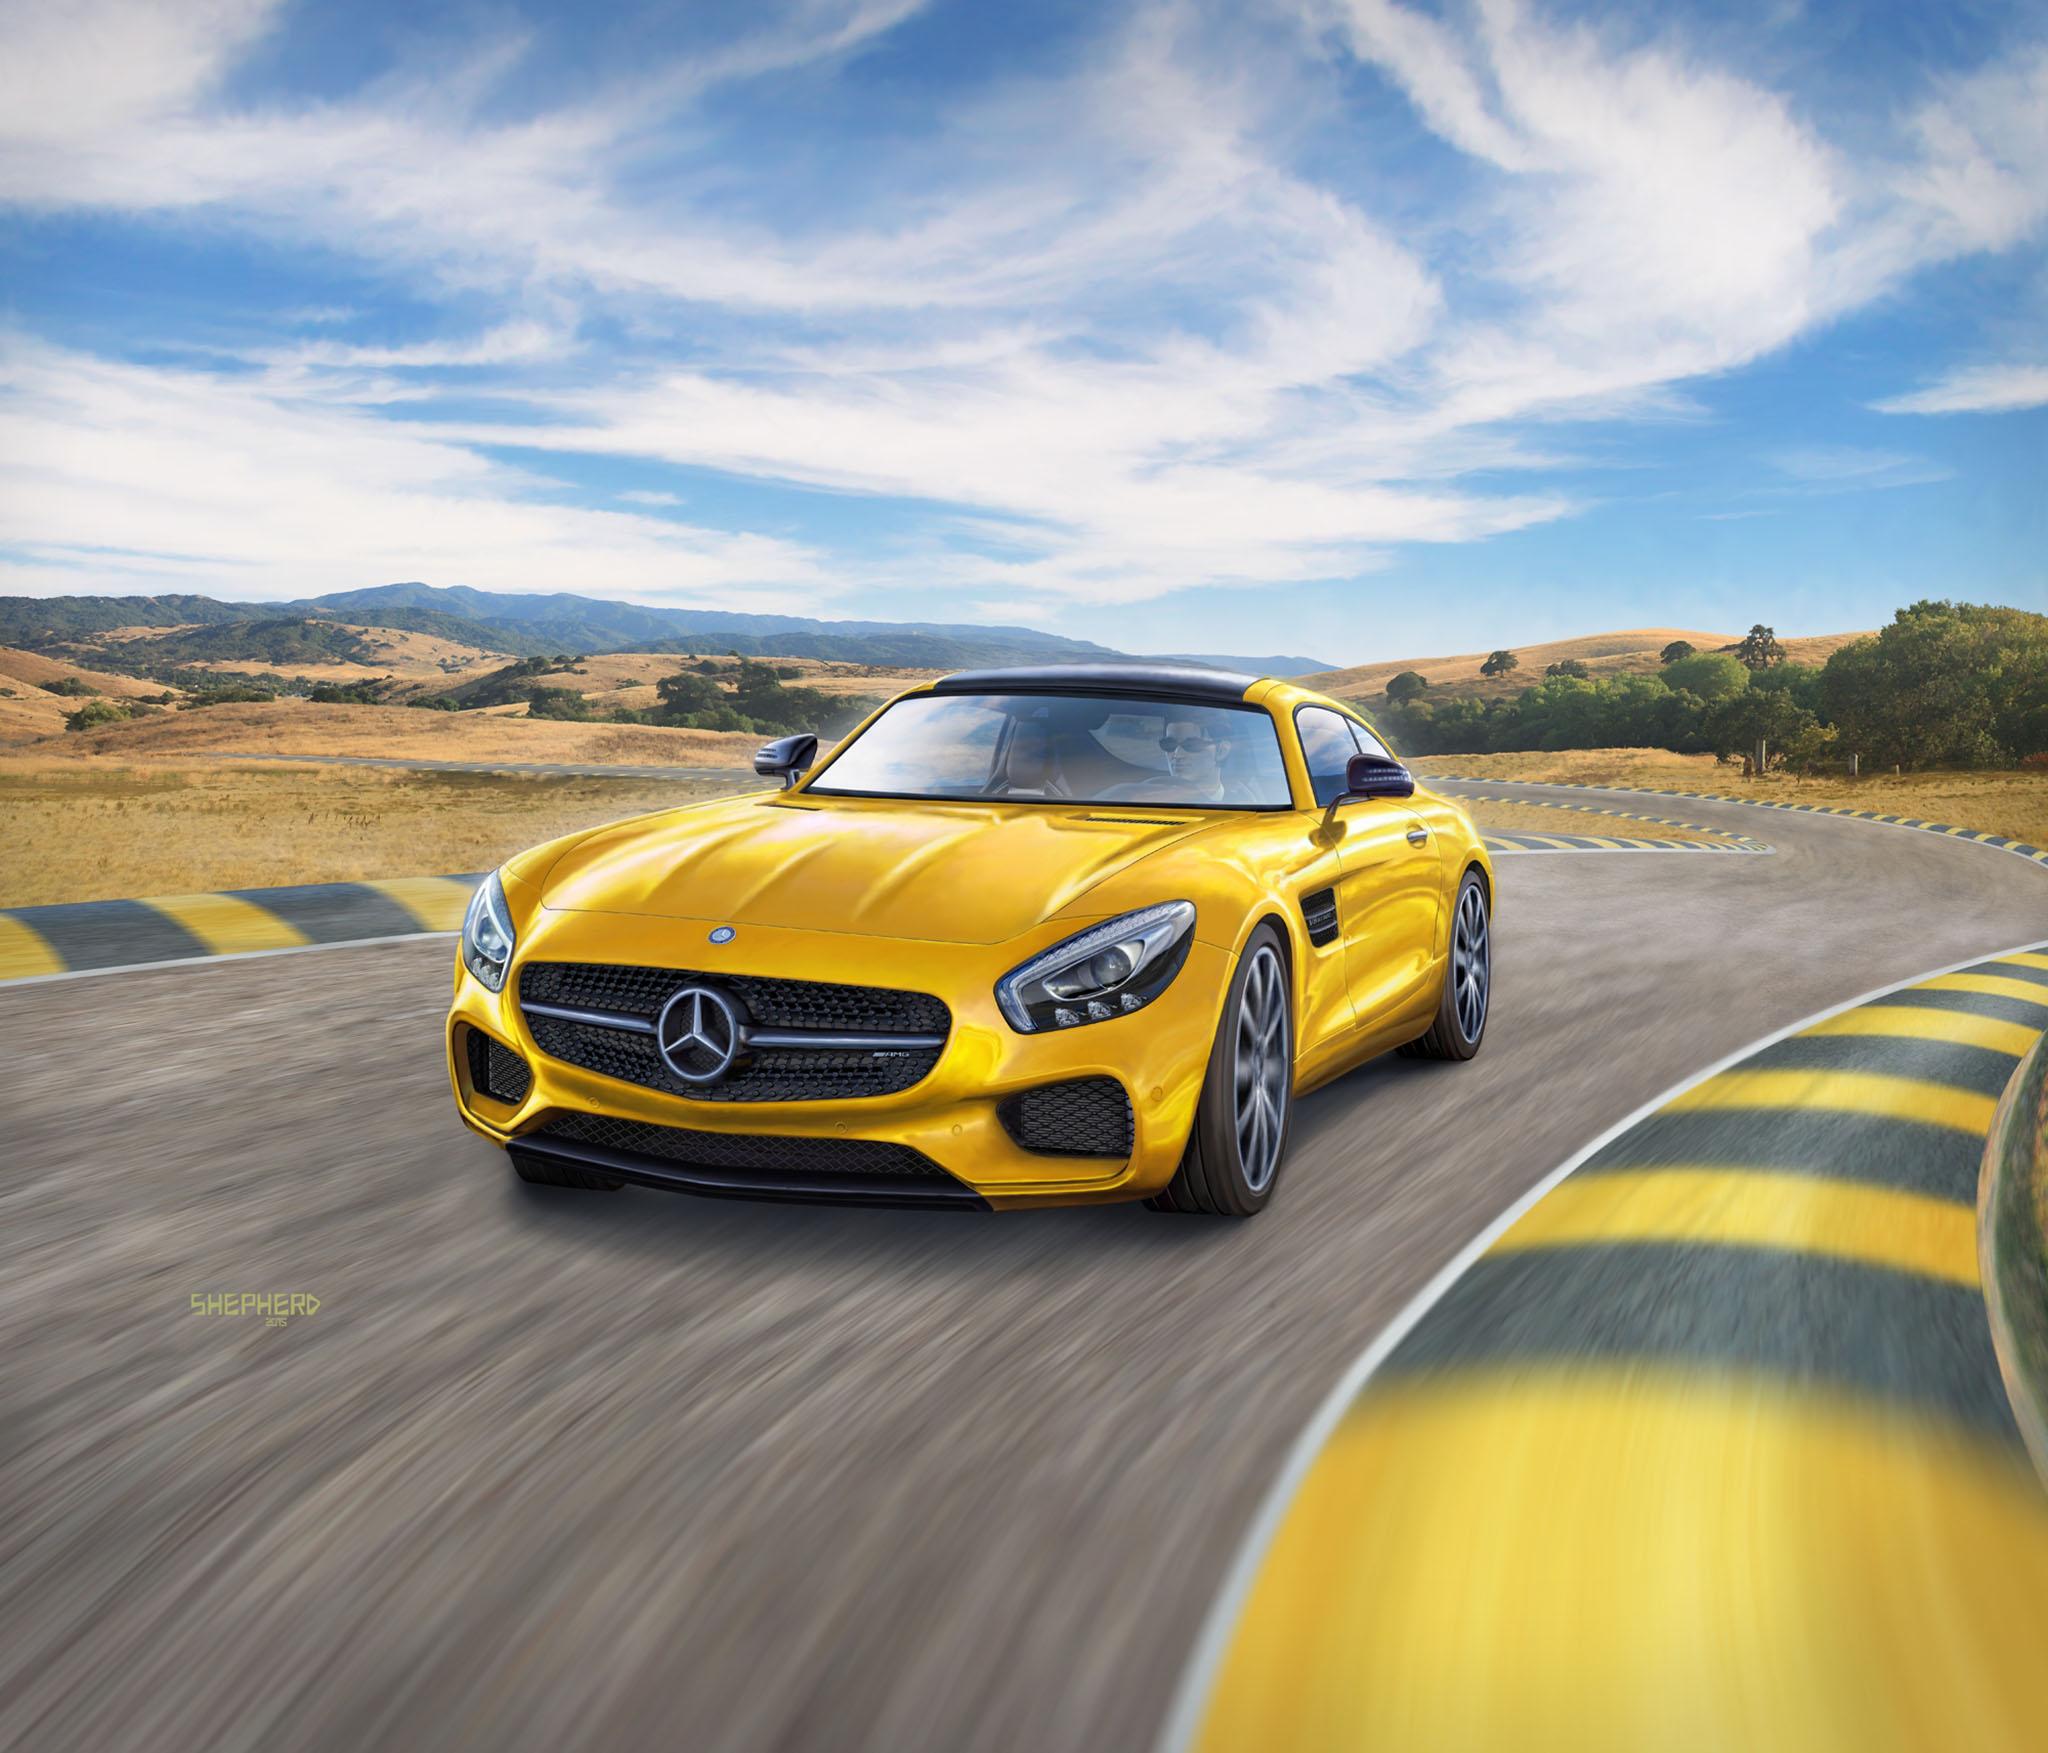 Mercedes-AMG GT Modellbausatz Packungsbild